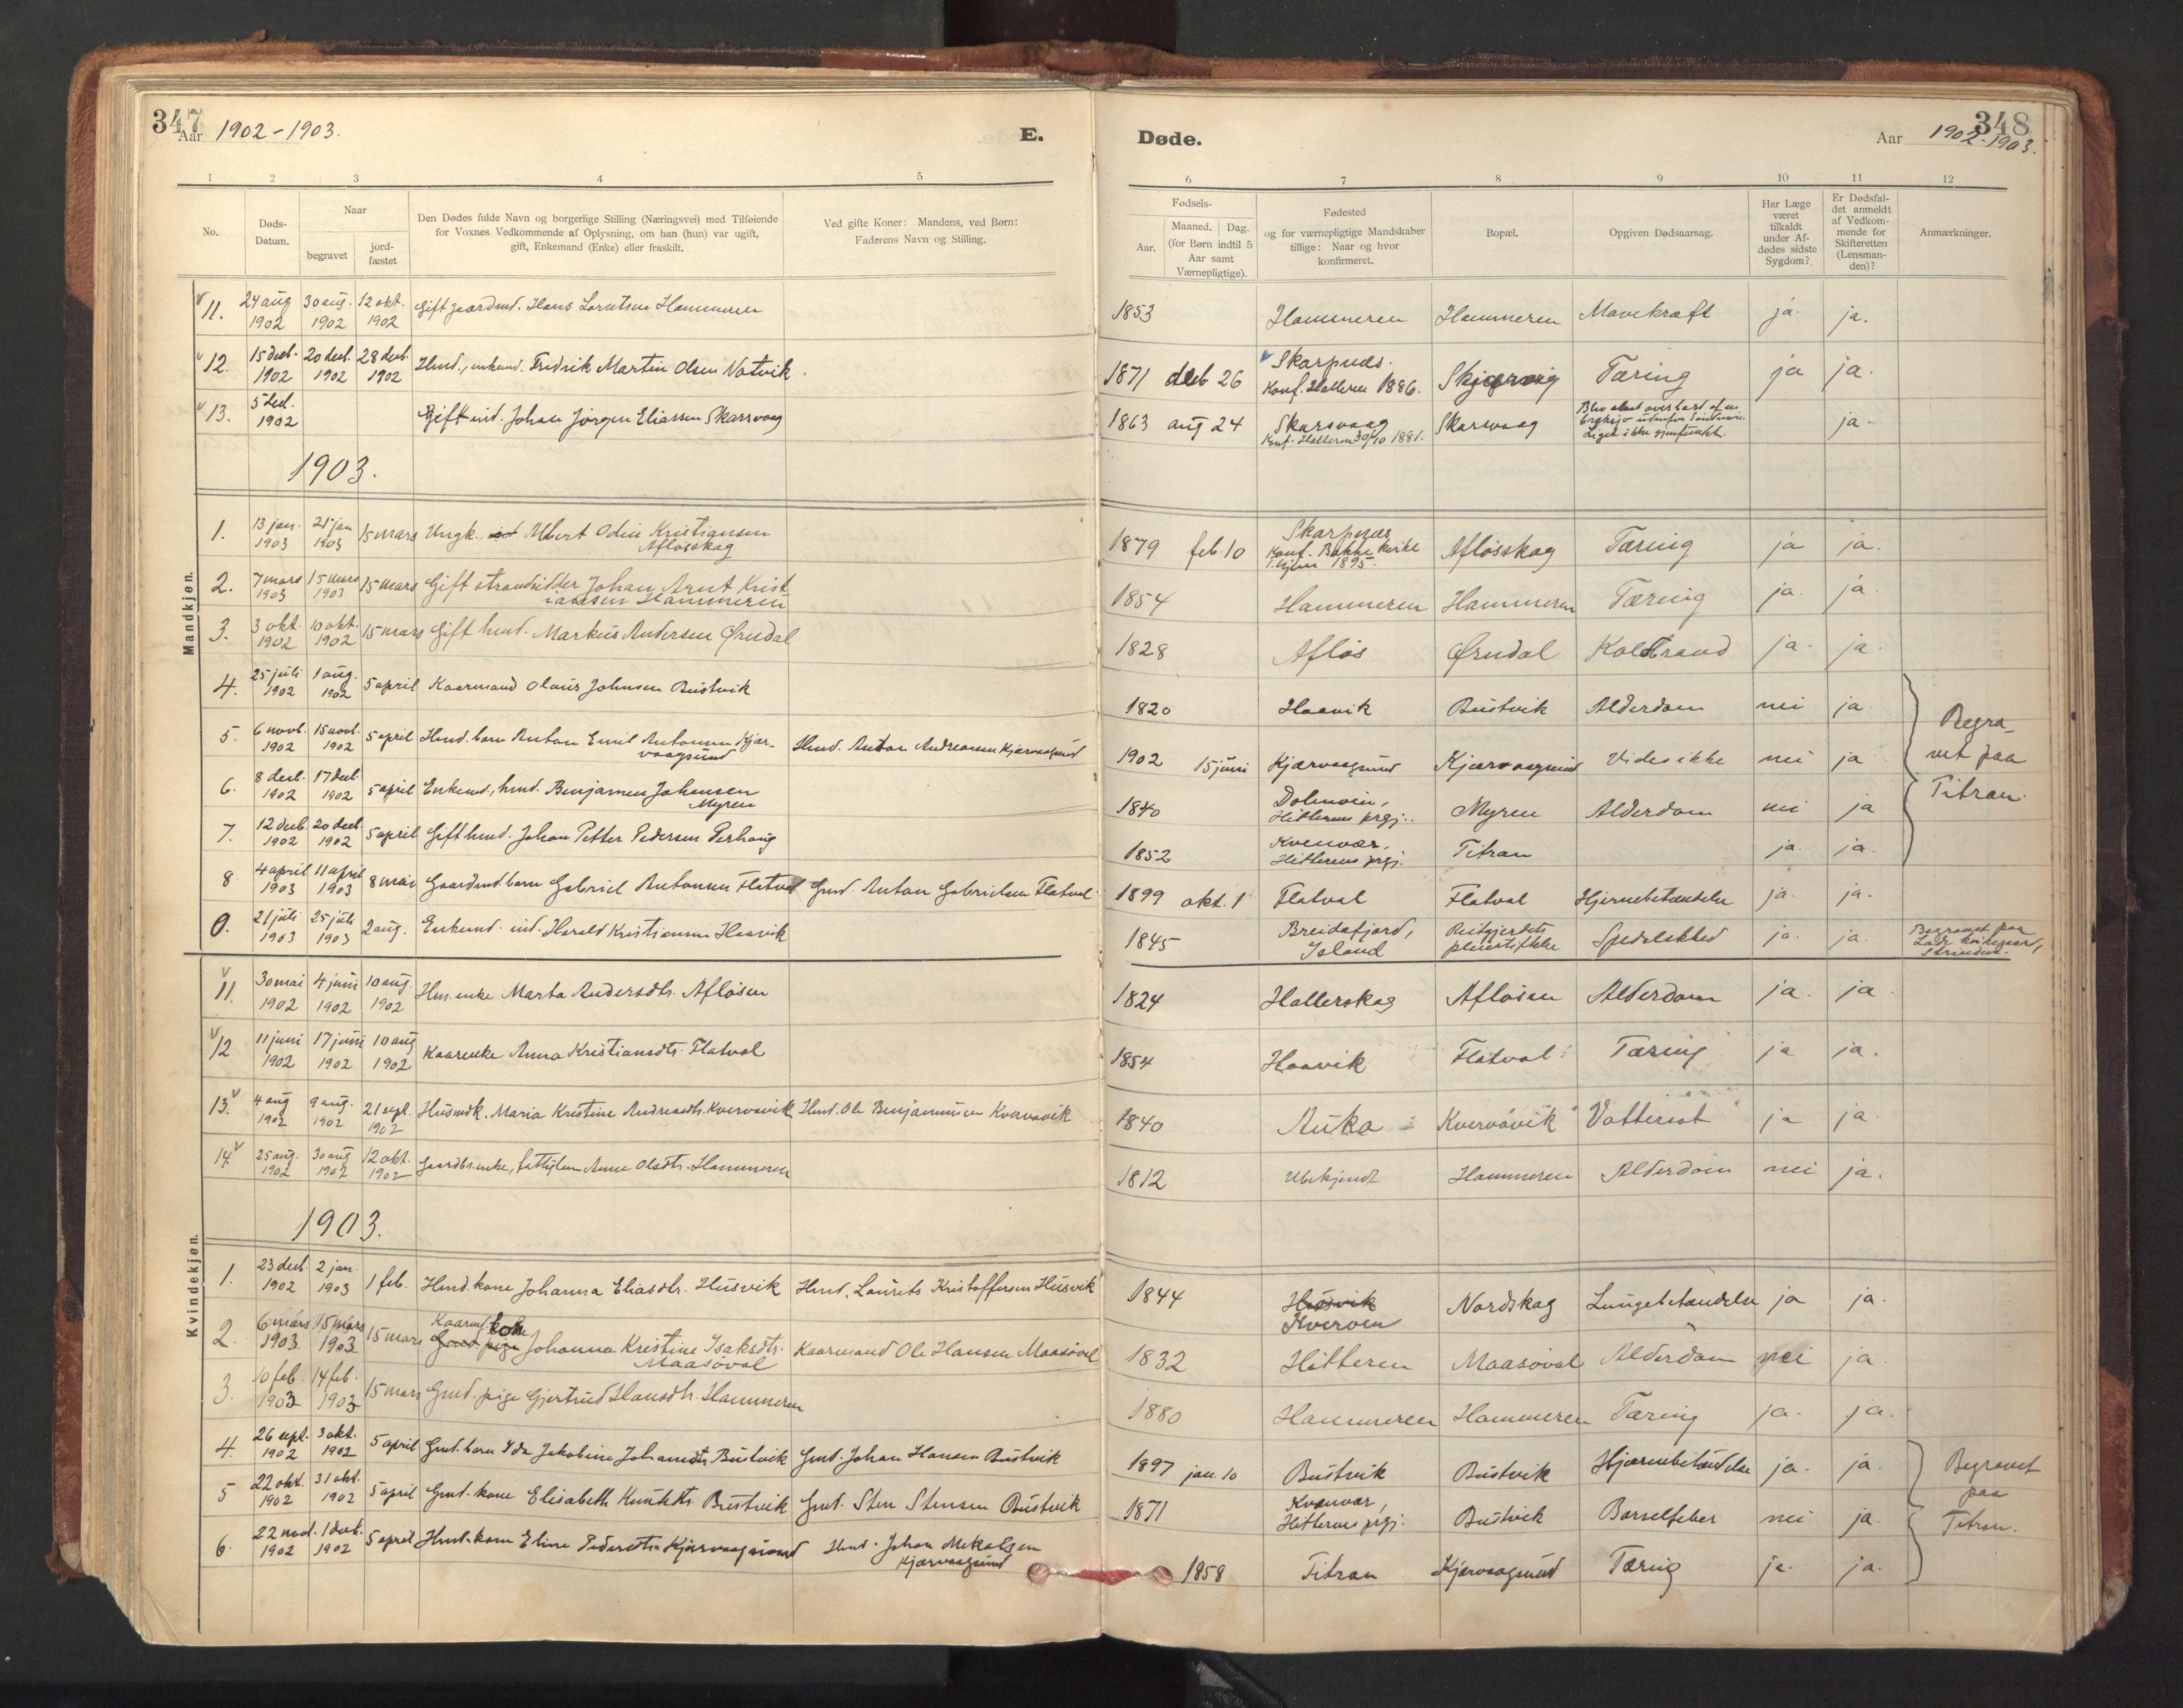 SAT, Ministerialprotokoller, klokkerbøker og fødselsregistre - Sør-Trøndelag, 641/L0596: Ministerialbok nr. 641A02, 1898-1915, s. 347-348